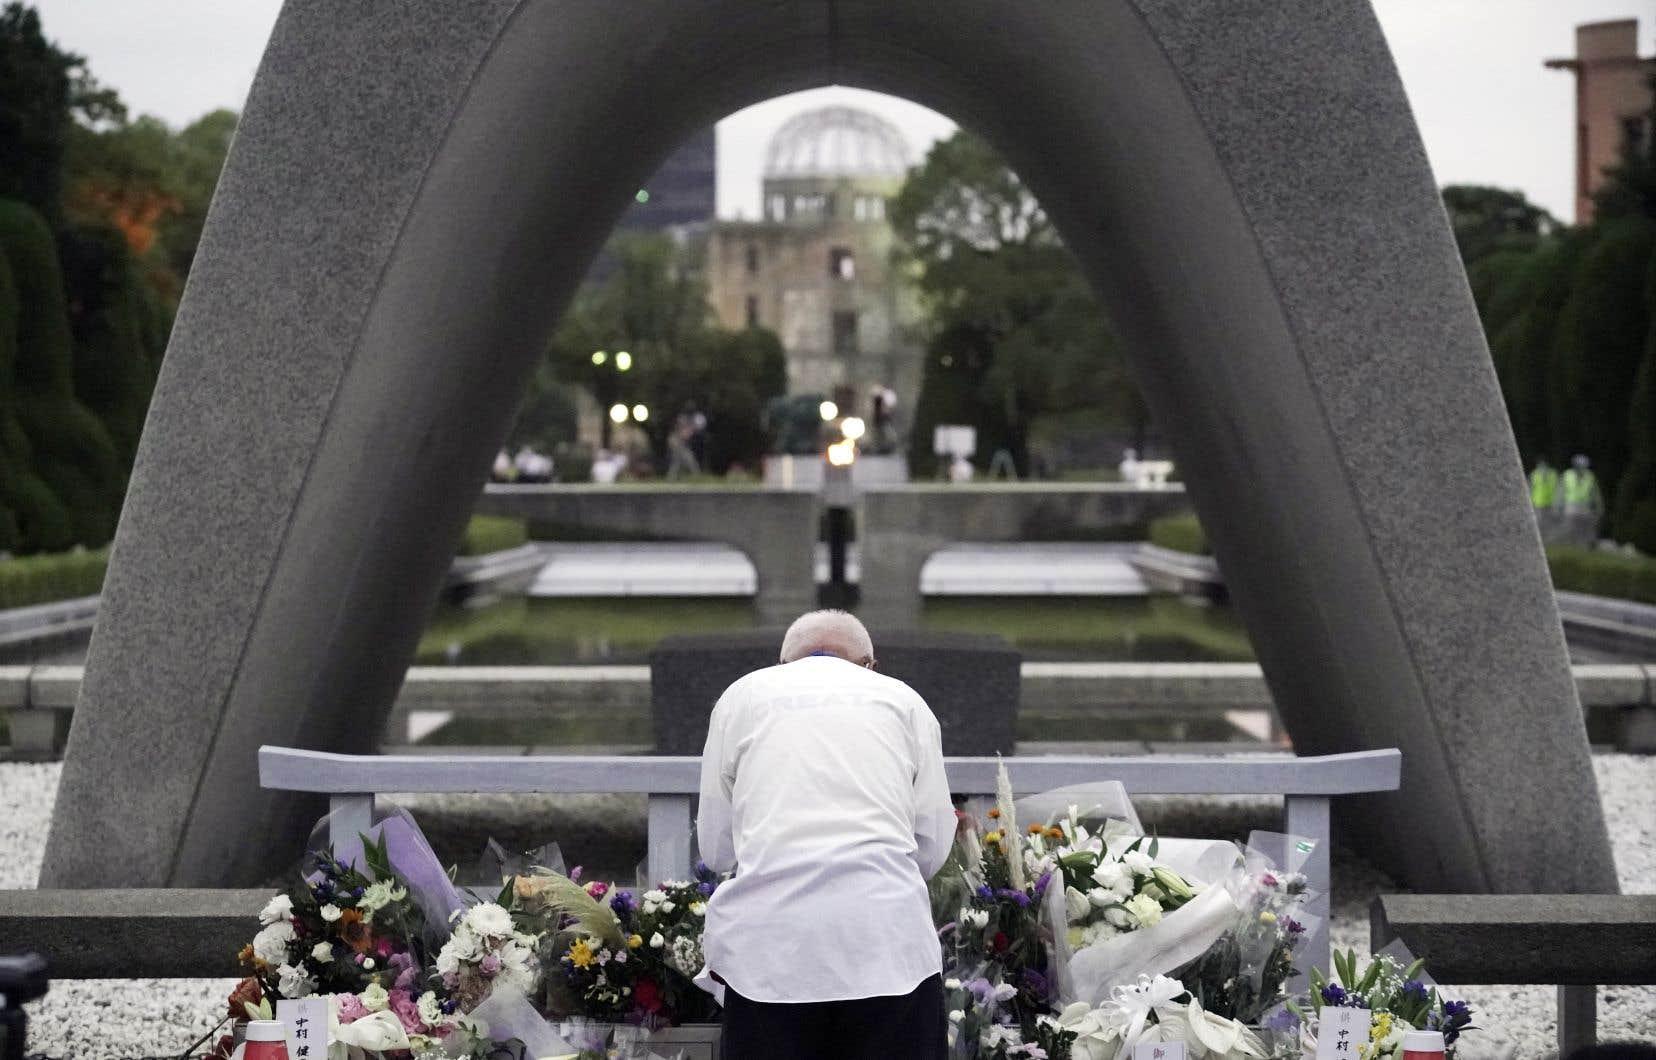 Prières et hommages se sont tenus dans le contexte particulier de la pandémie de COVID-19 qui a contraint le Japon à les limiter cette année. Au parc du Mémorial de la paix d'Hiroshima, le cénotaphe (notre photo) comprend les noms de 4943 survivants décédés au cours de l'année écoulée. Pas moins de 324 129 personnes sont maintenant commémorées dans le monument.